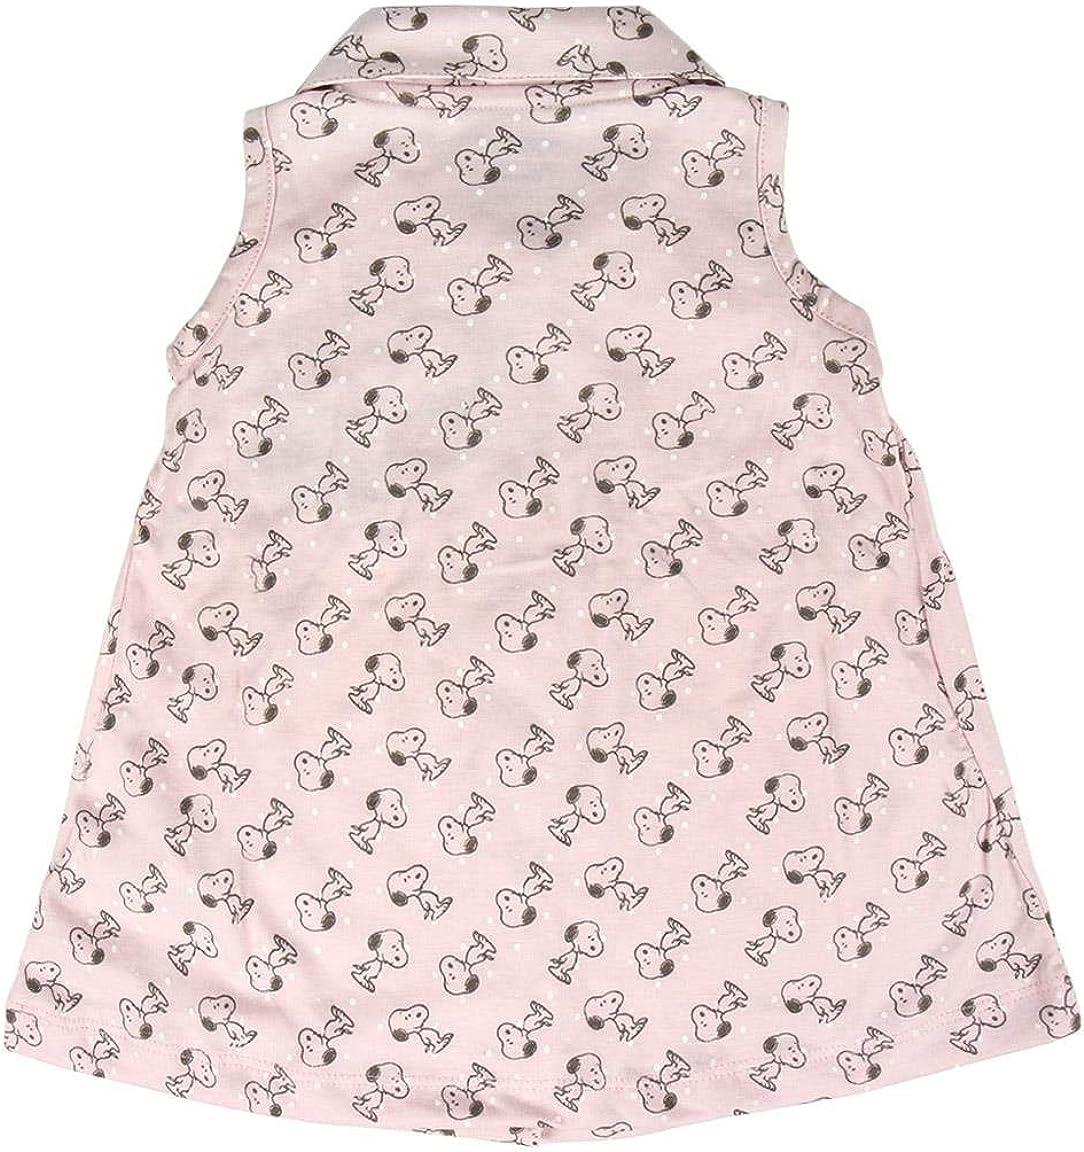 ARTESANIA CERDA Vestido Single Jersey Snoopy Beb/és